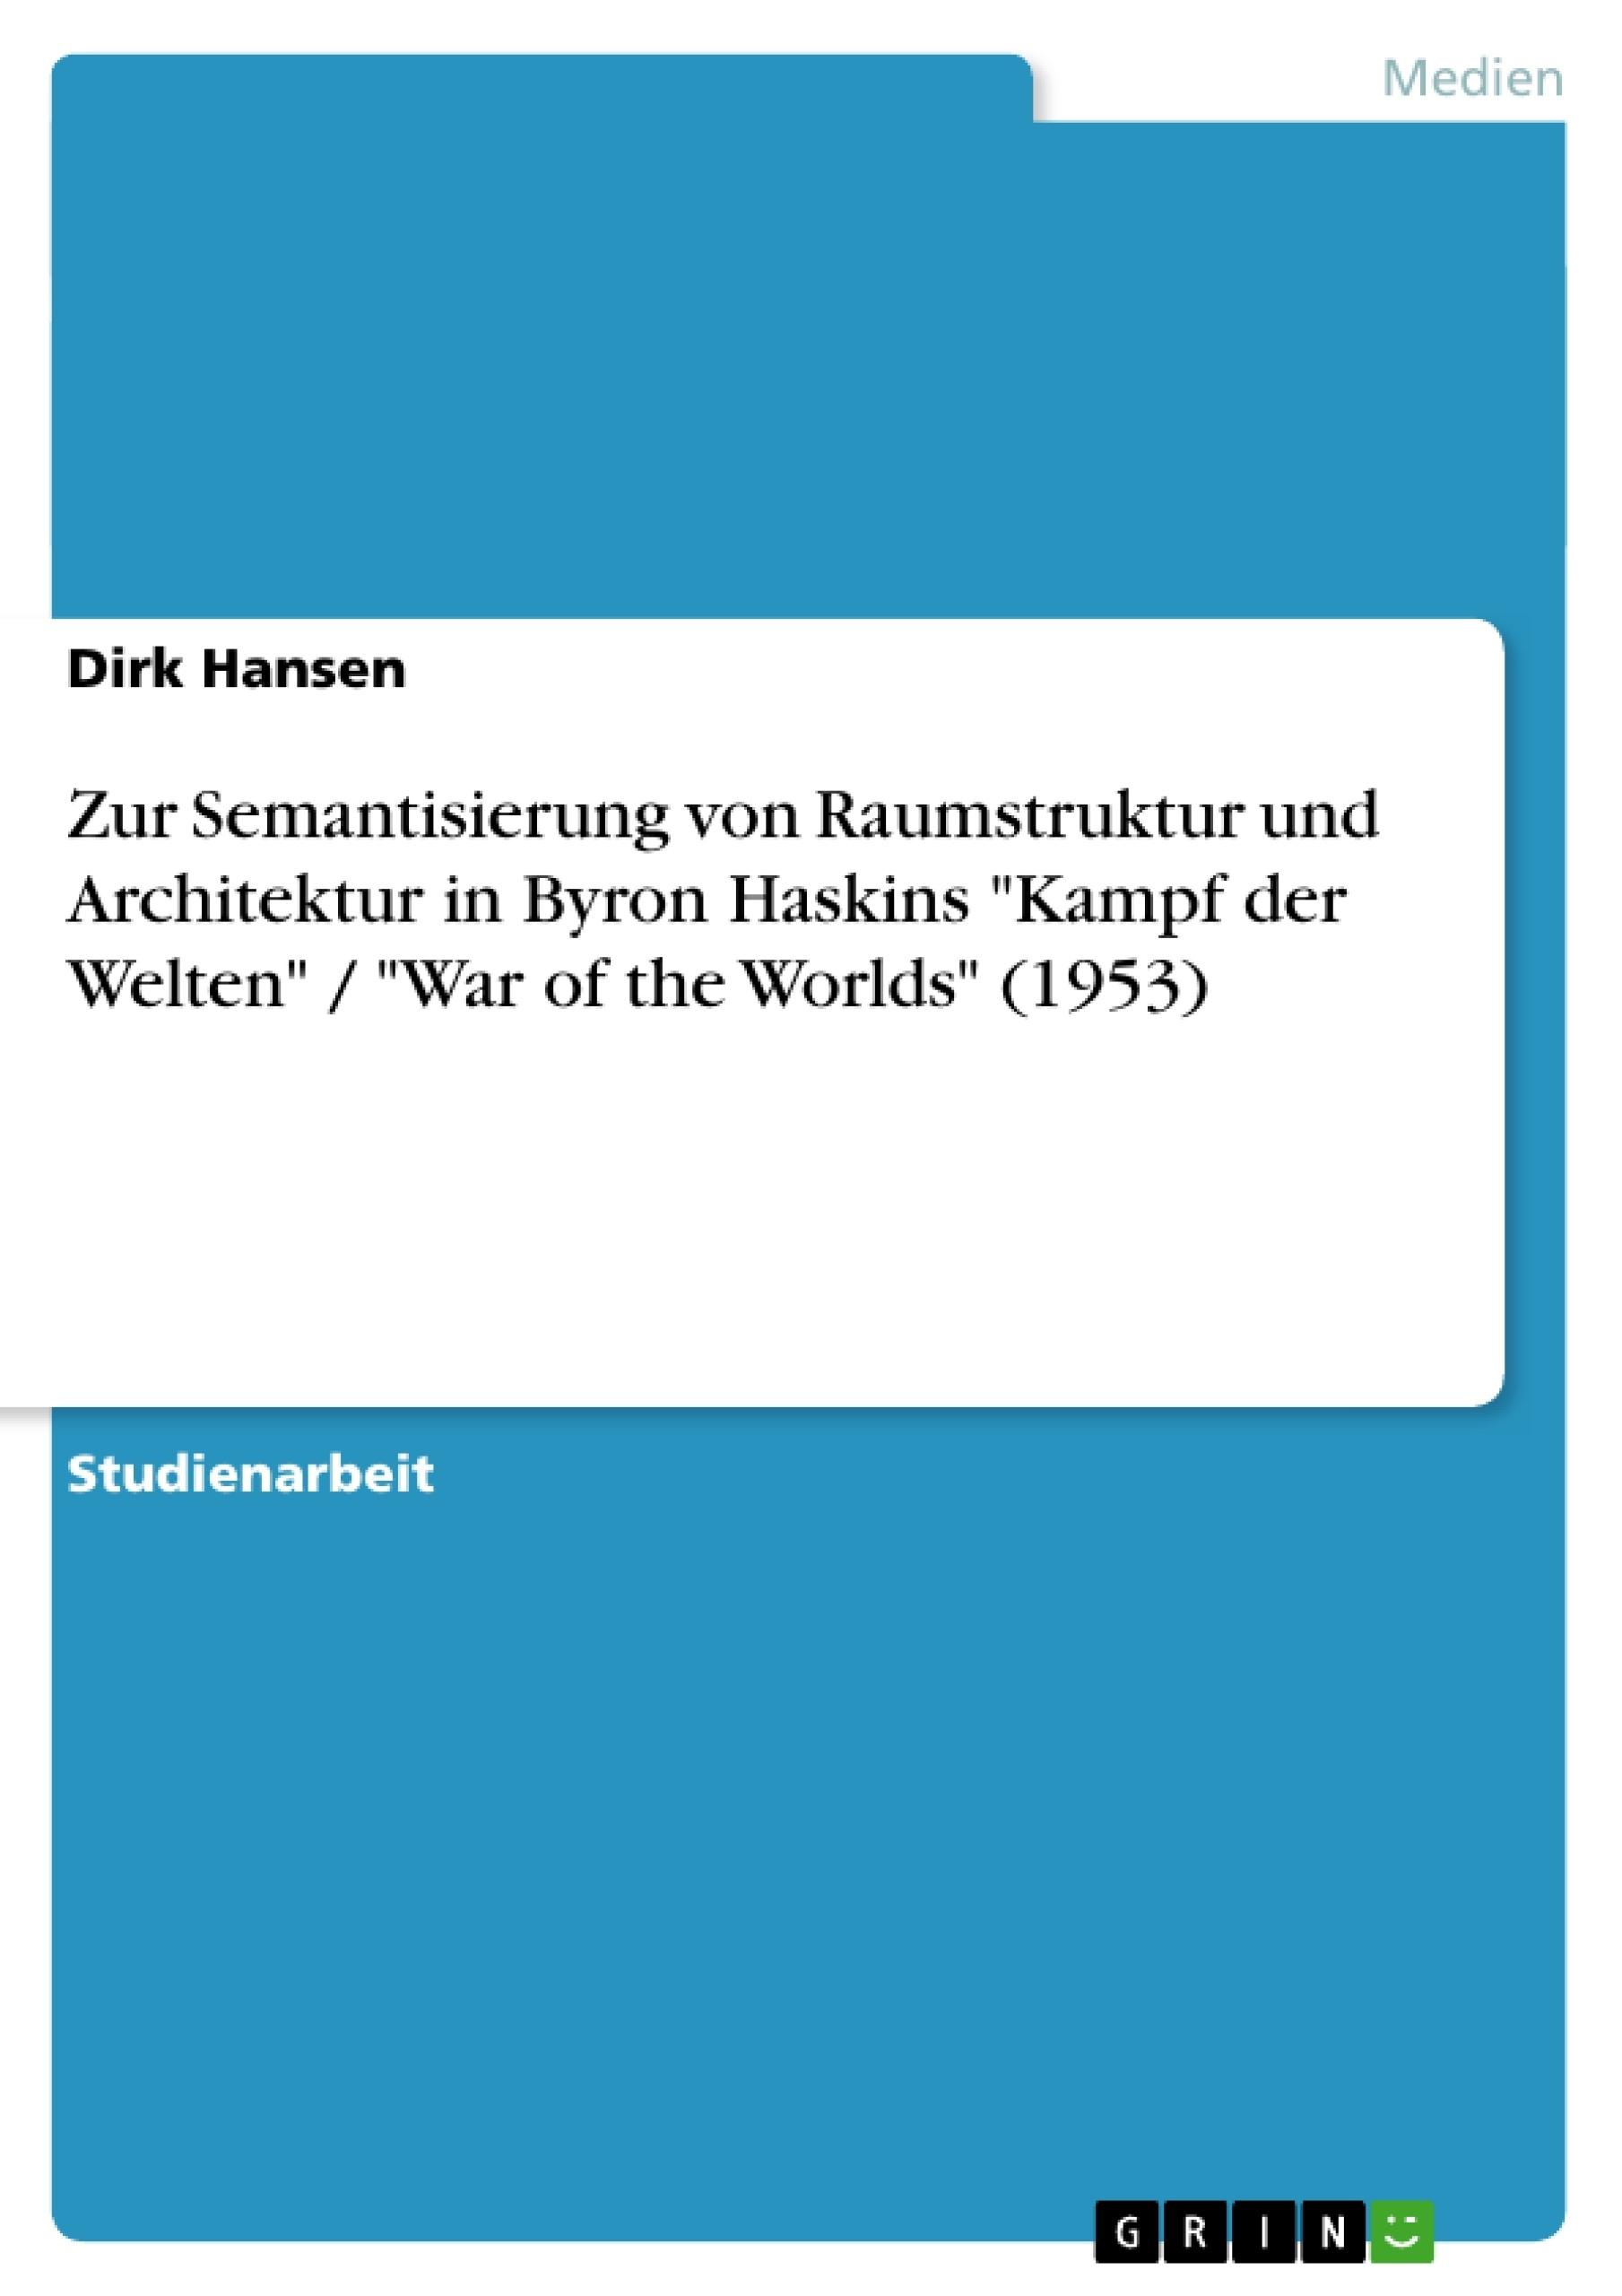 Zur semantisierung von raumstruktur und architektur in for Masterarbeit architektur